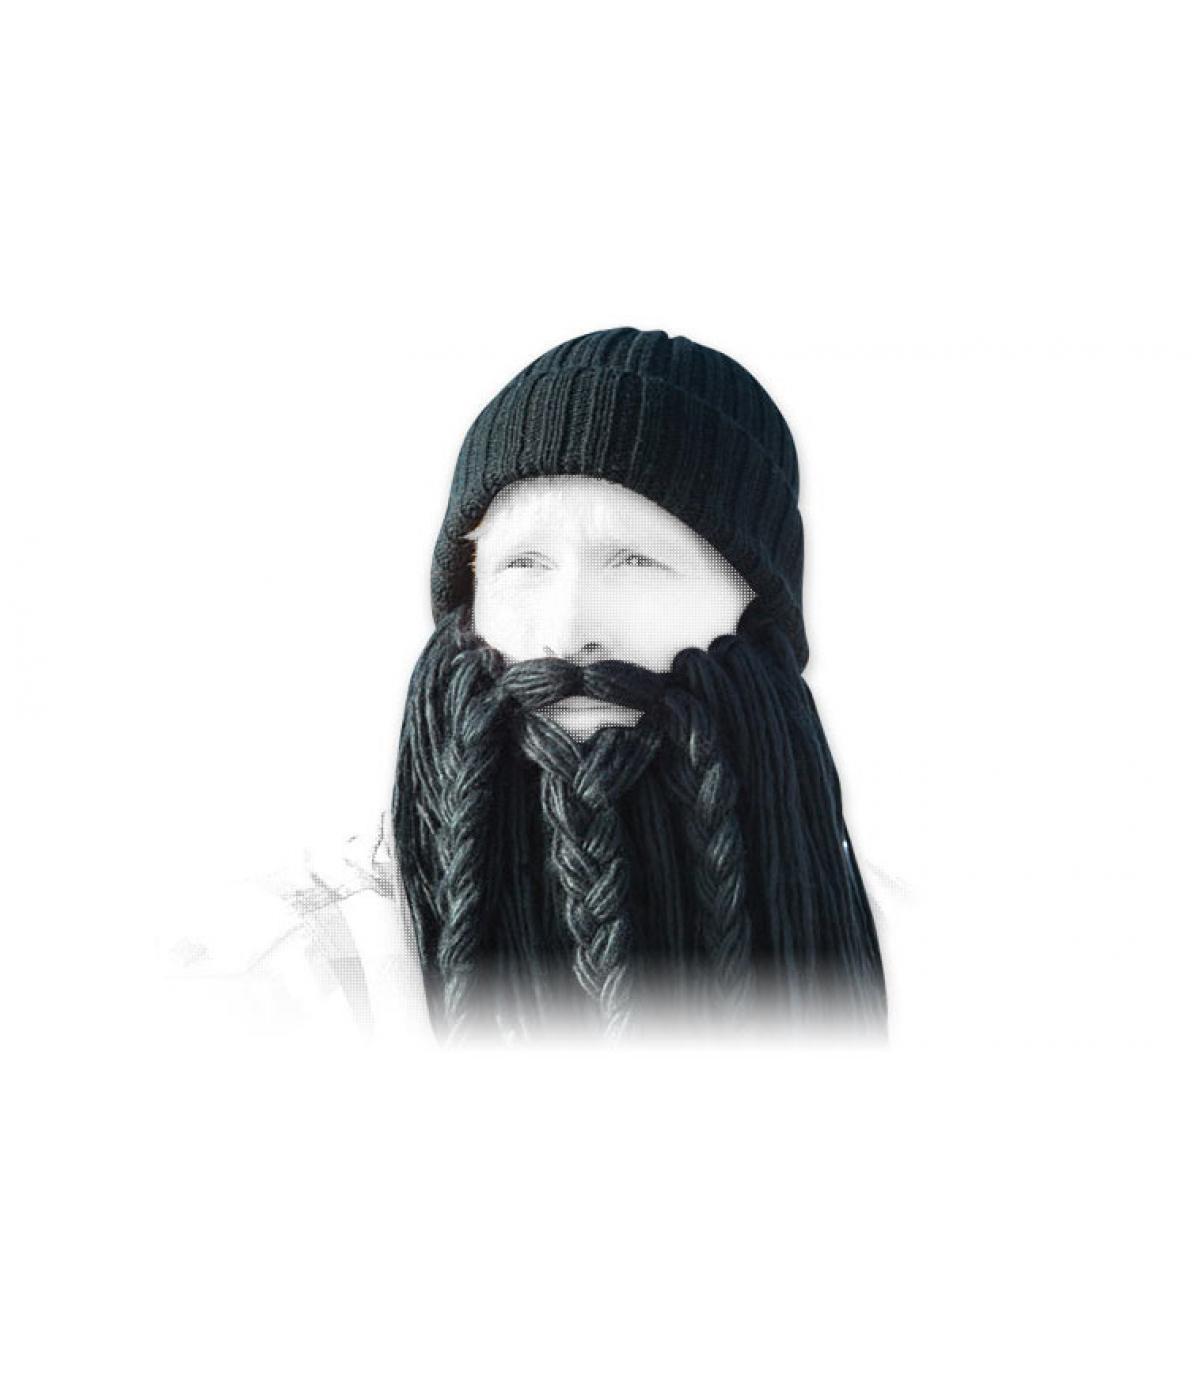 bonnet long black beard viking